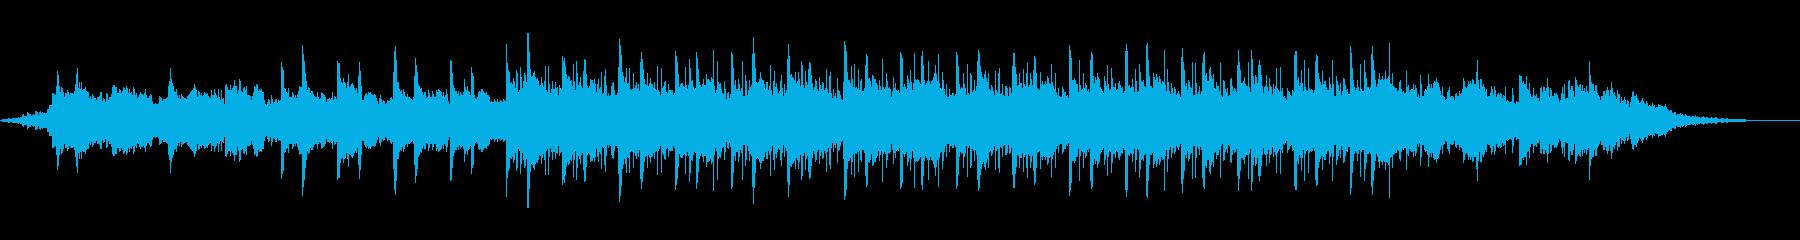 ドキュメント エンディング ショートの再生済みの波形